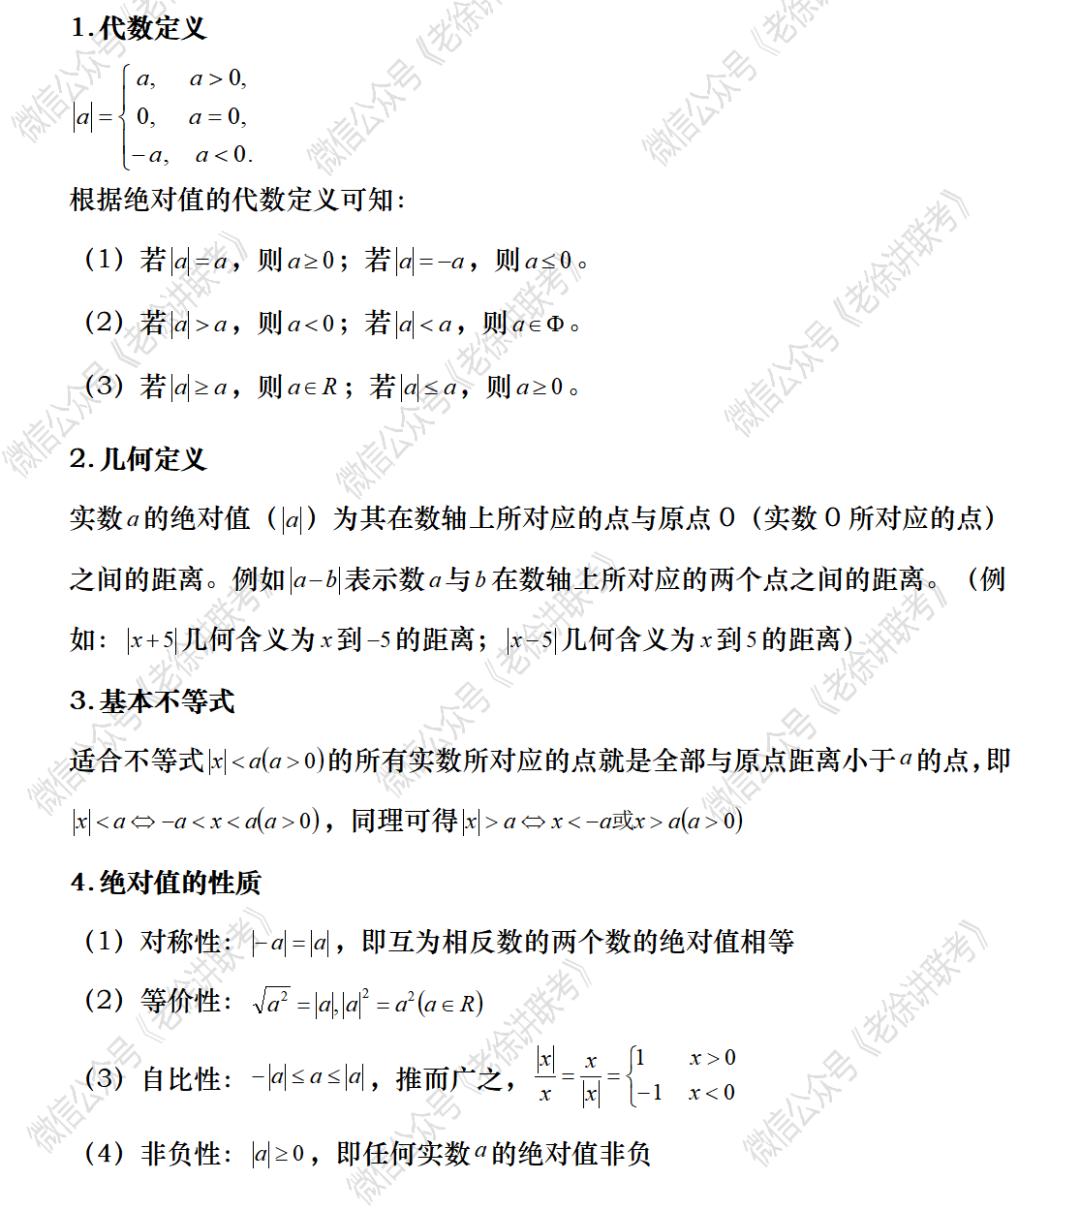 2022MBA考研|管理类联考:数学专题训练-绝对值的计算与化简(第三期)